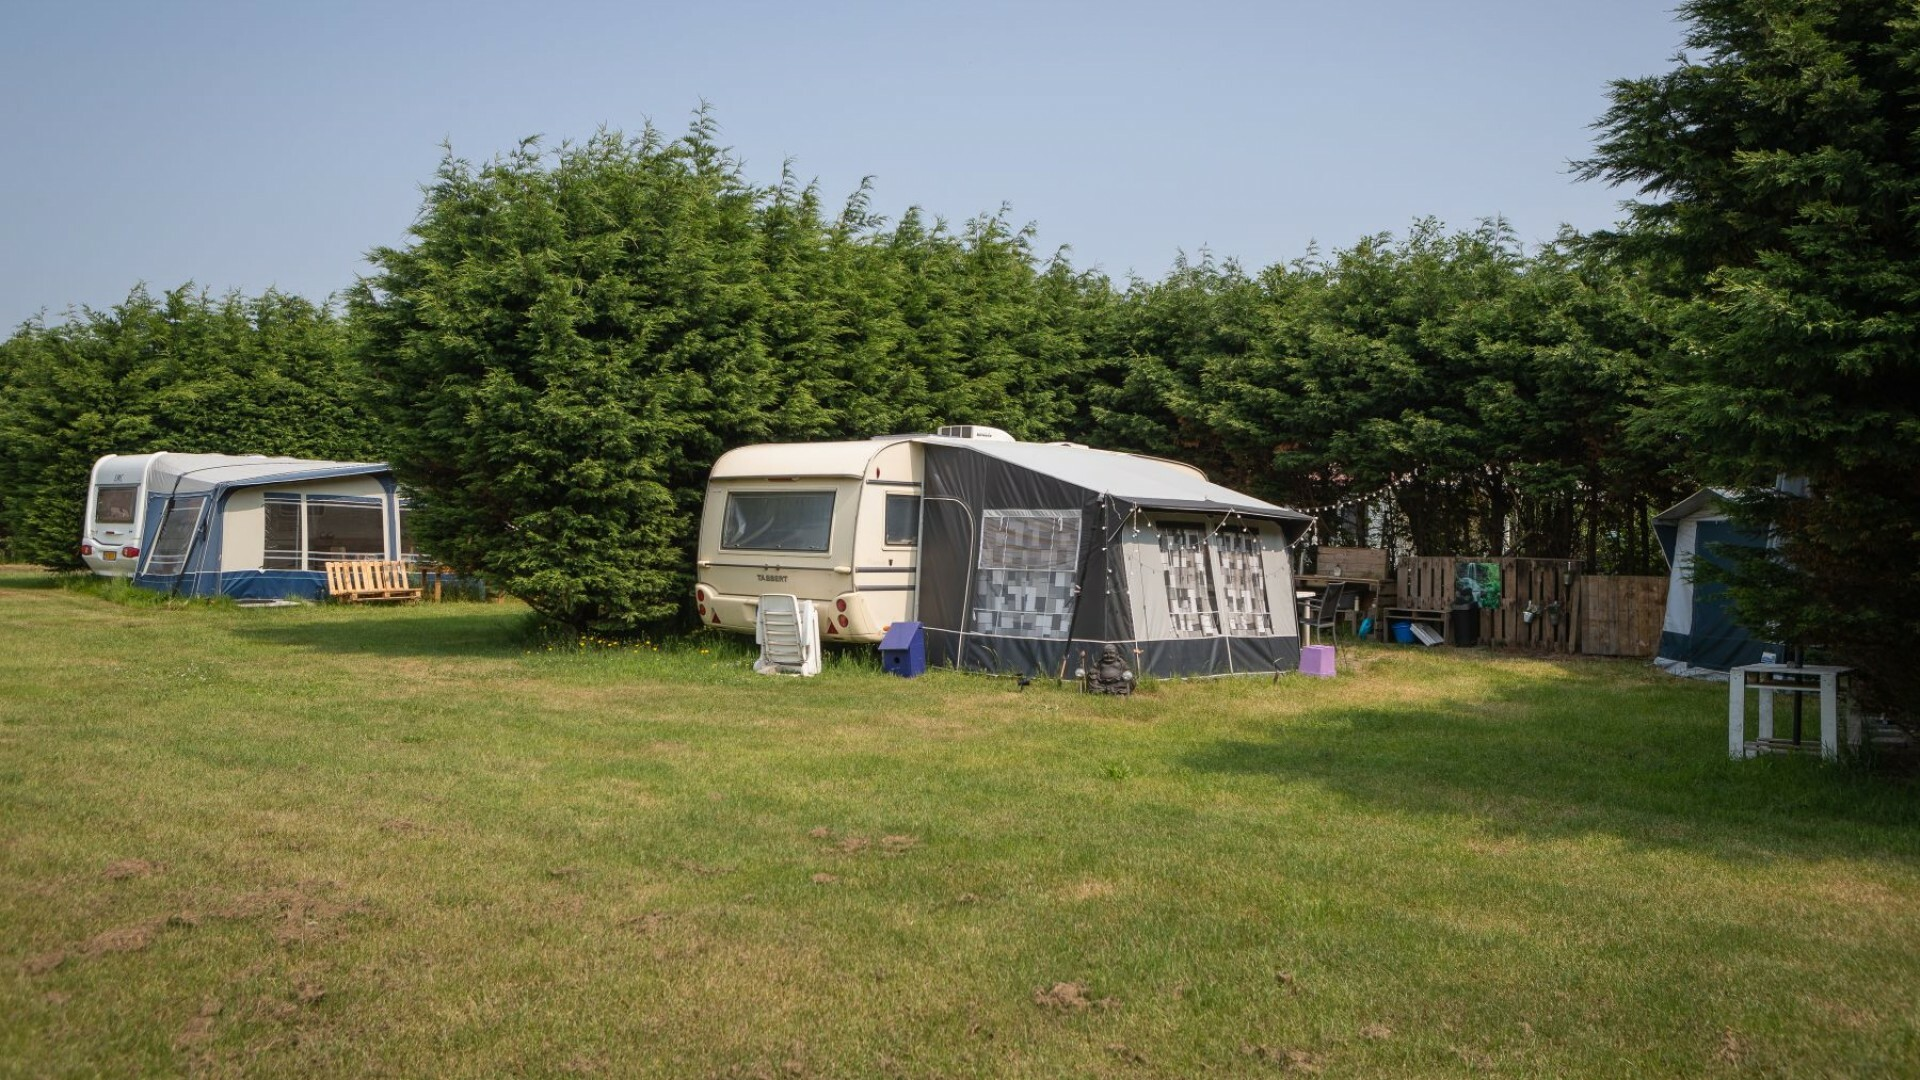 Camping Fruithof De Veen VVV Texel